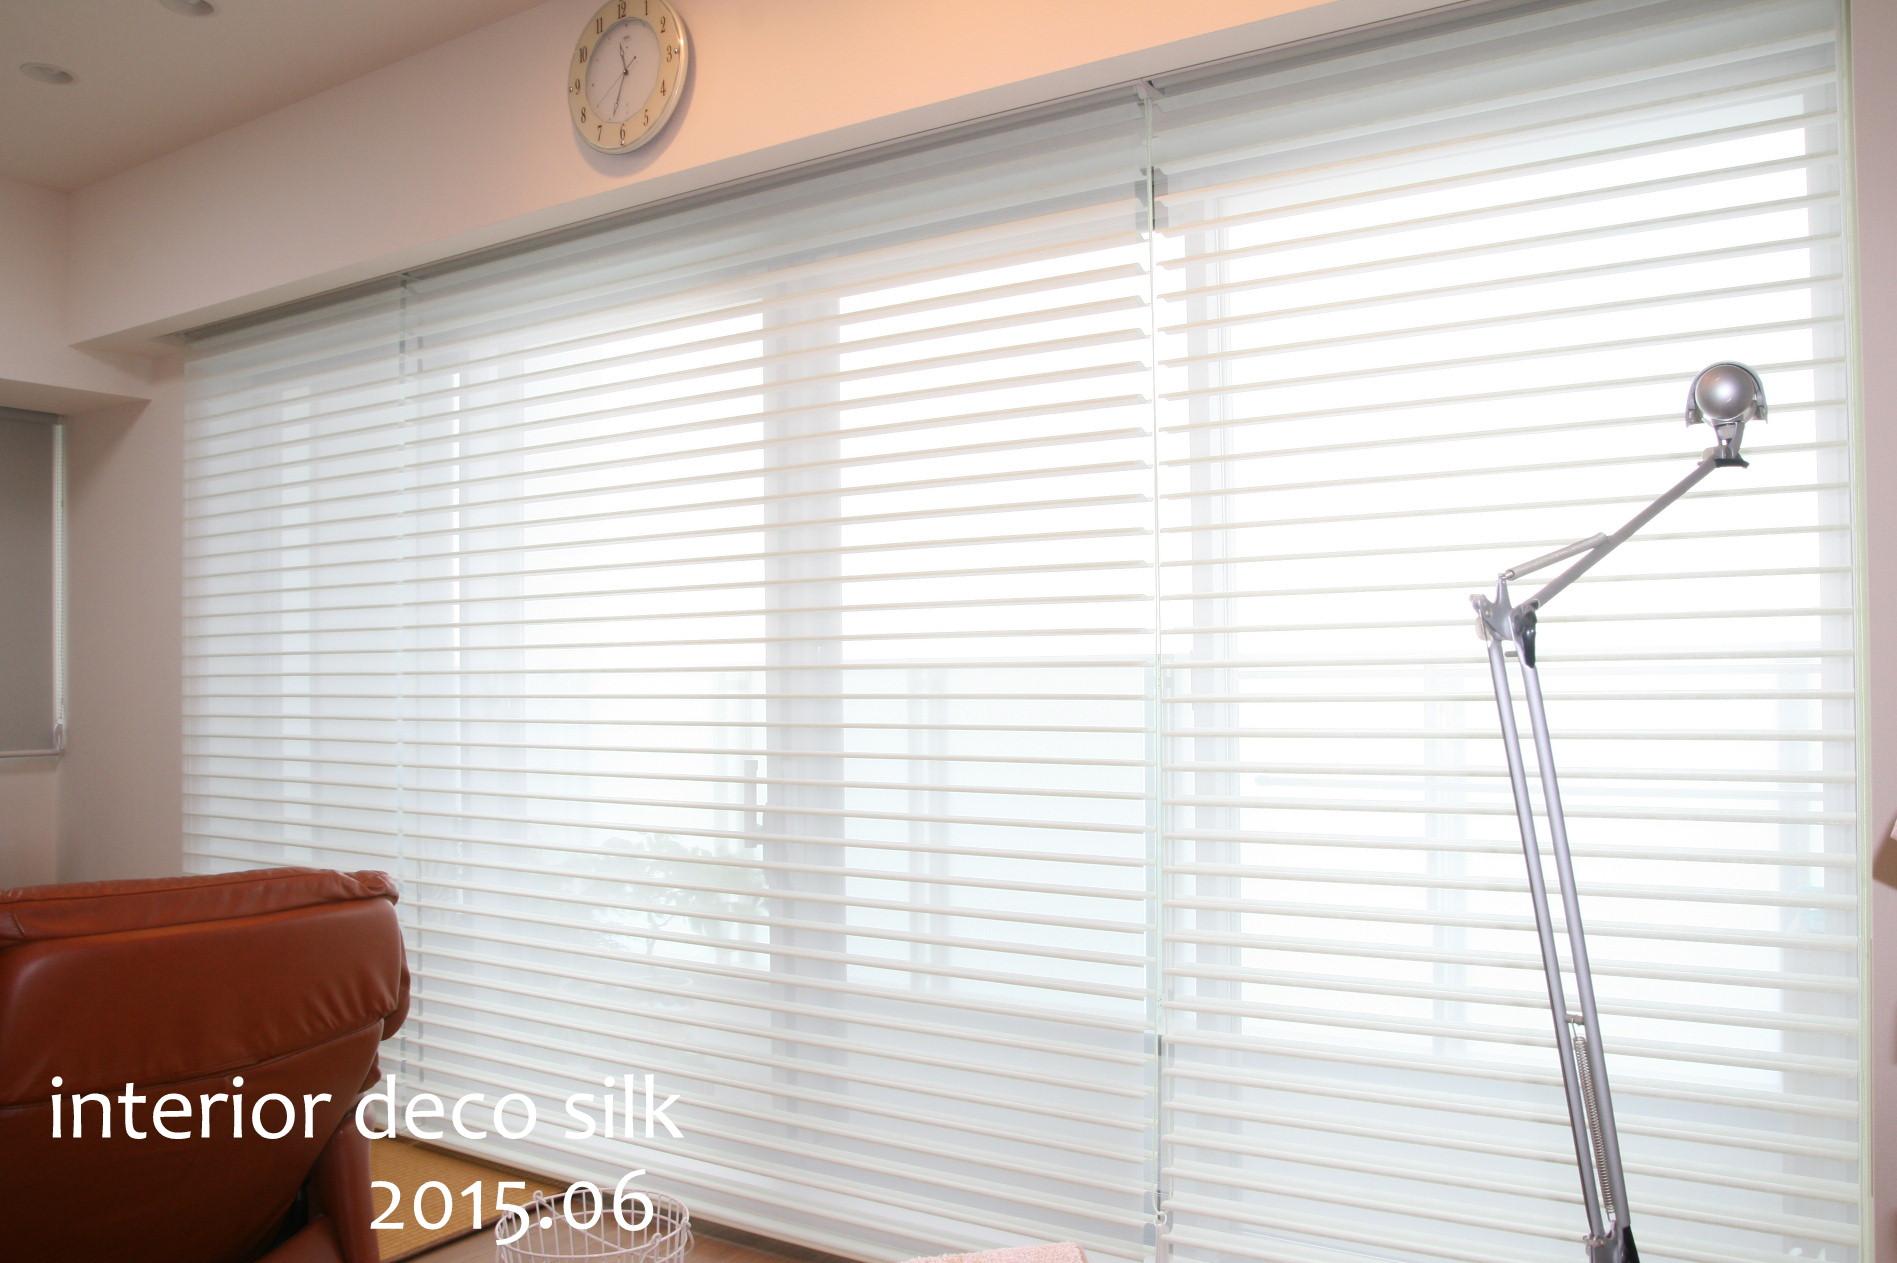 光の質を変える 調光ロールスクリーン「ha・na・ri」